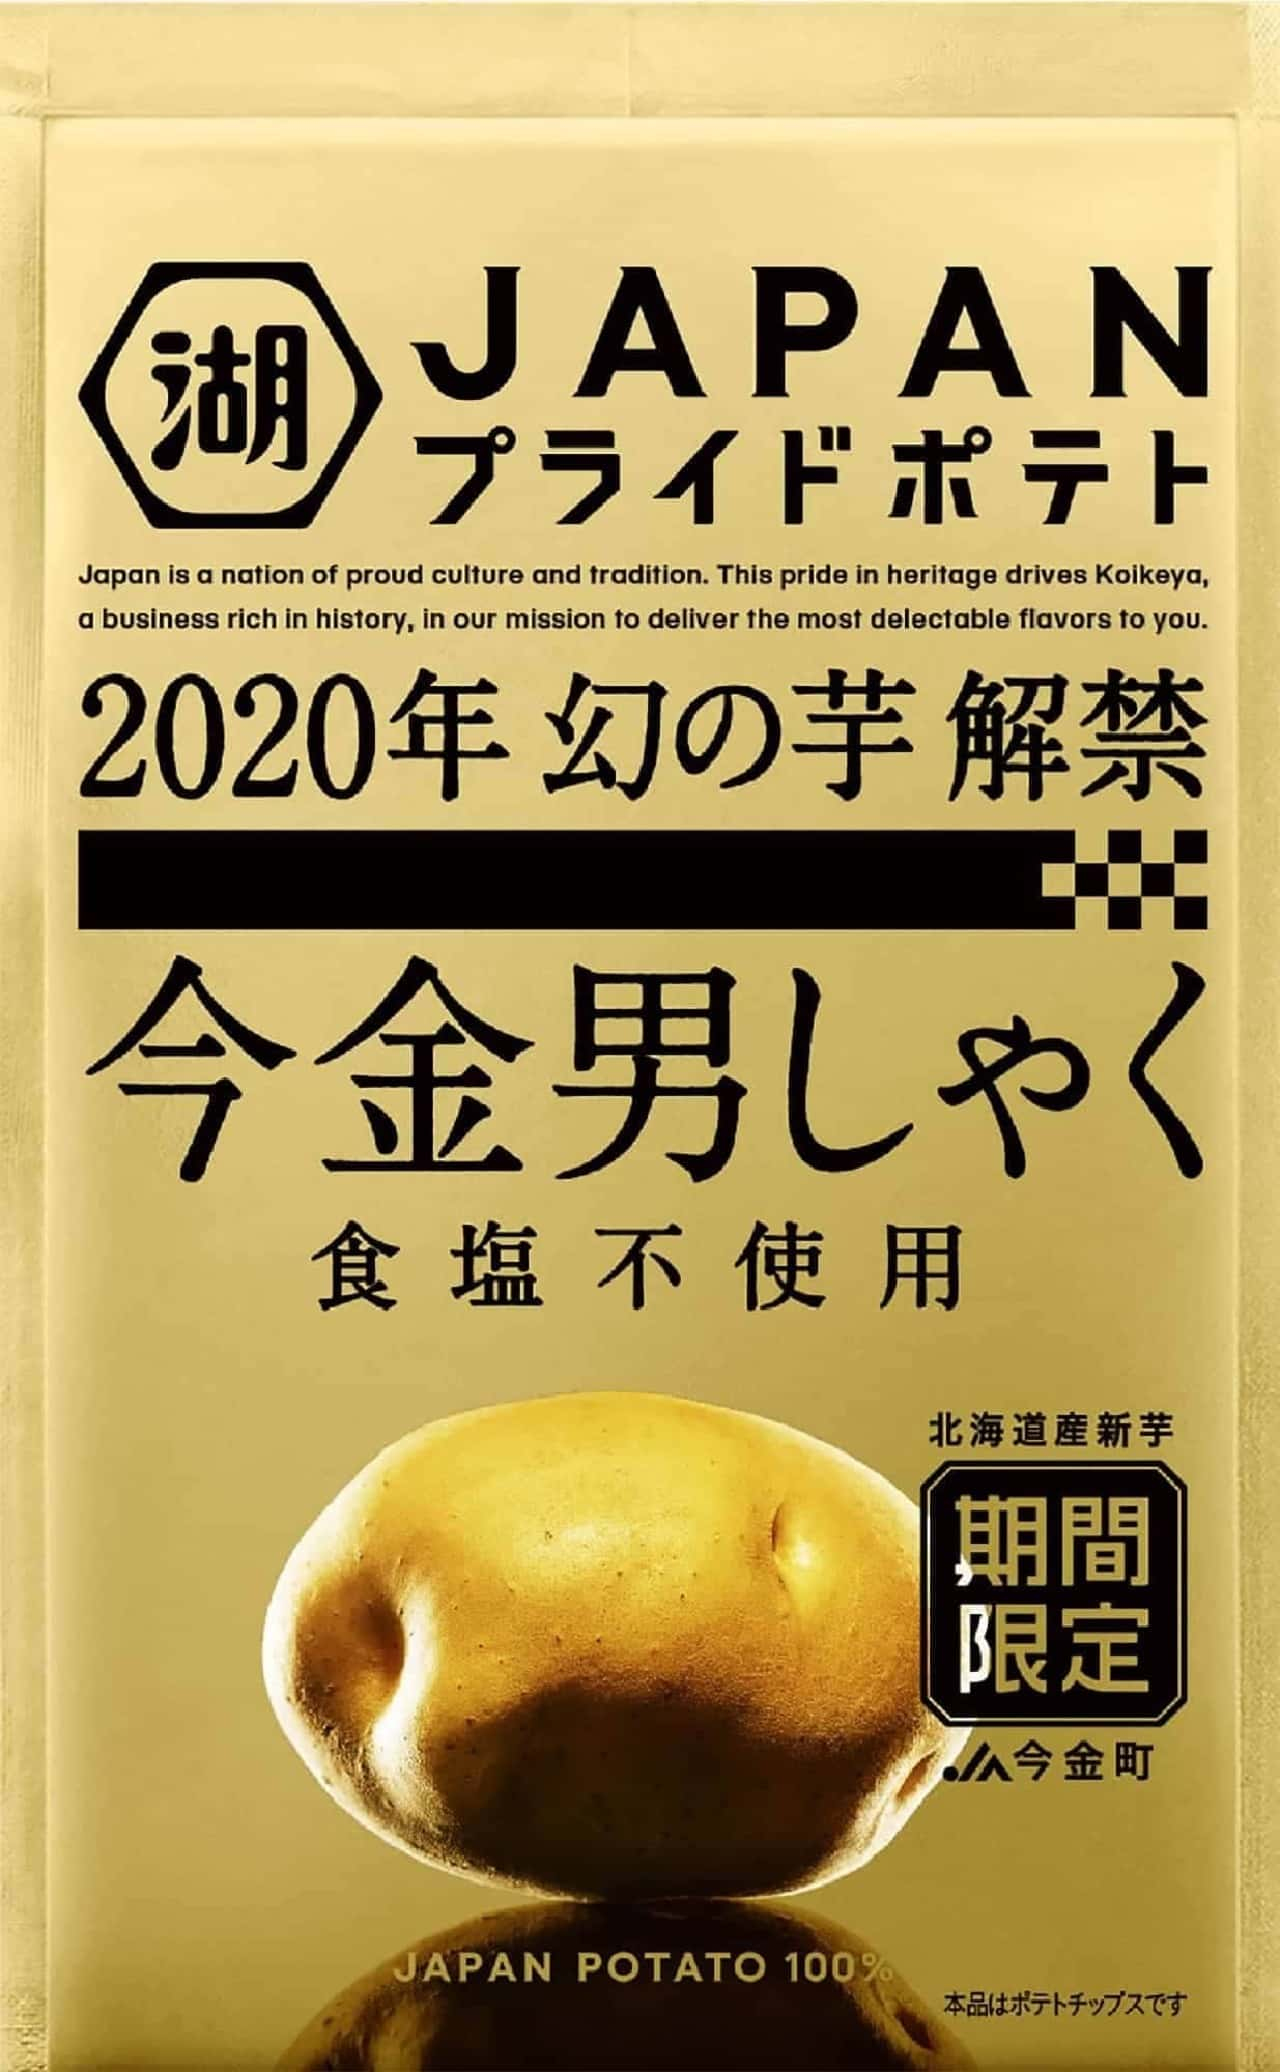 湖池屋「JAPANプライドポテト 今金男しゃく 食塩不使用」